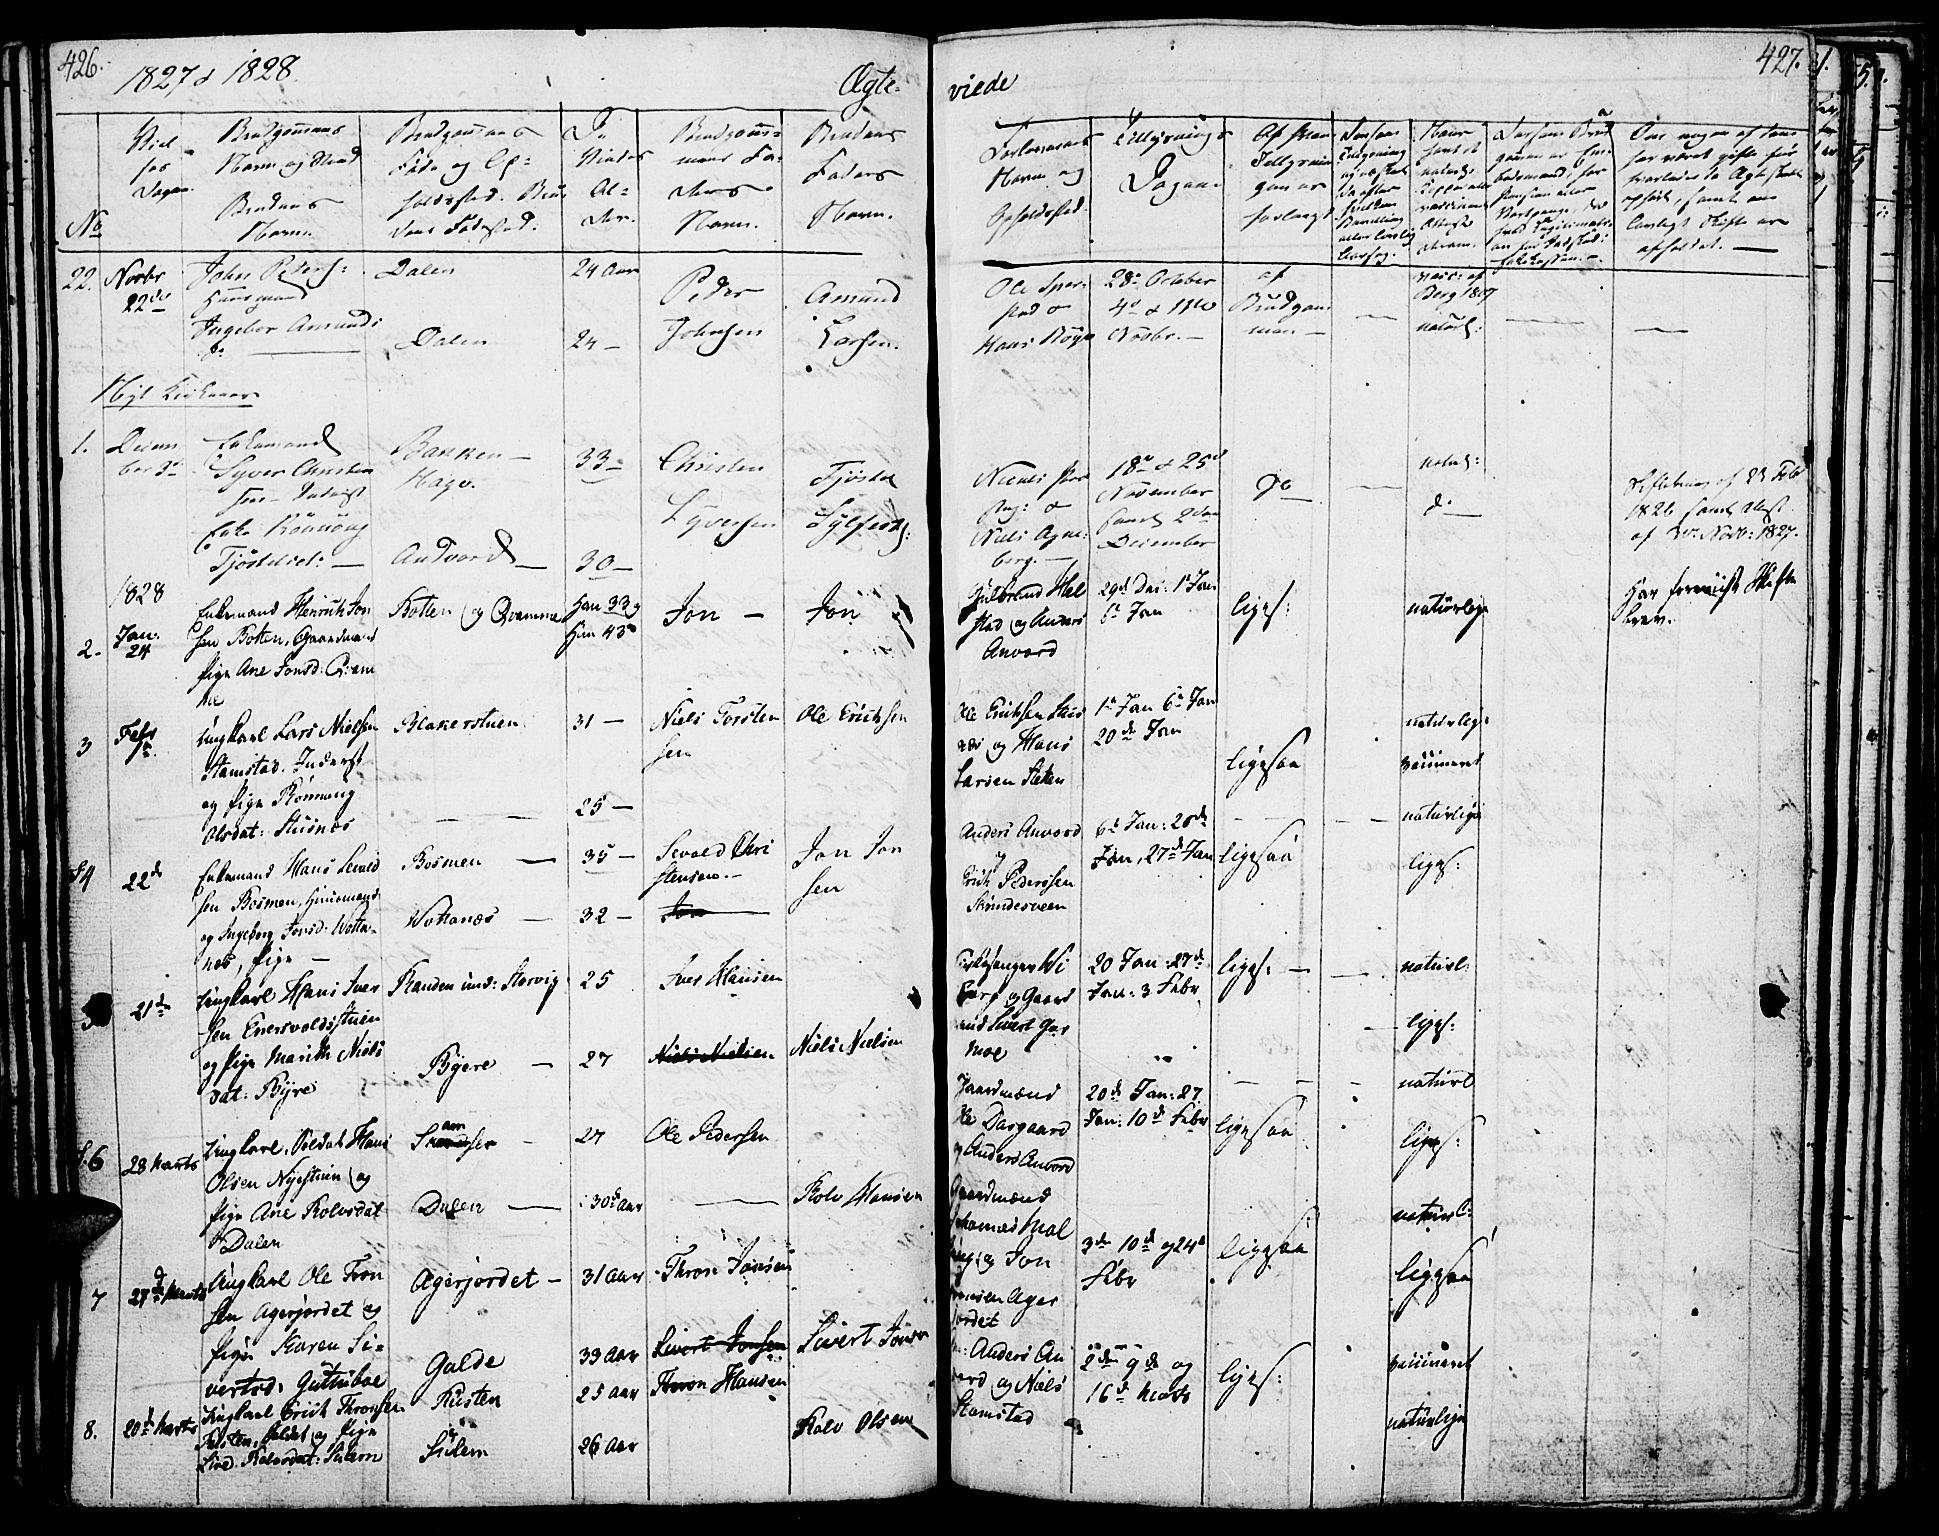 SAH, Lom prestekontor, K/L0005: Ministerialbok nr. 5, 1825-1837, s. 426-427